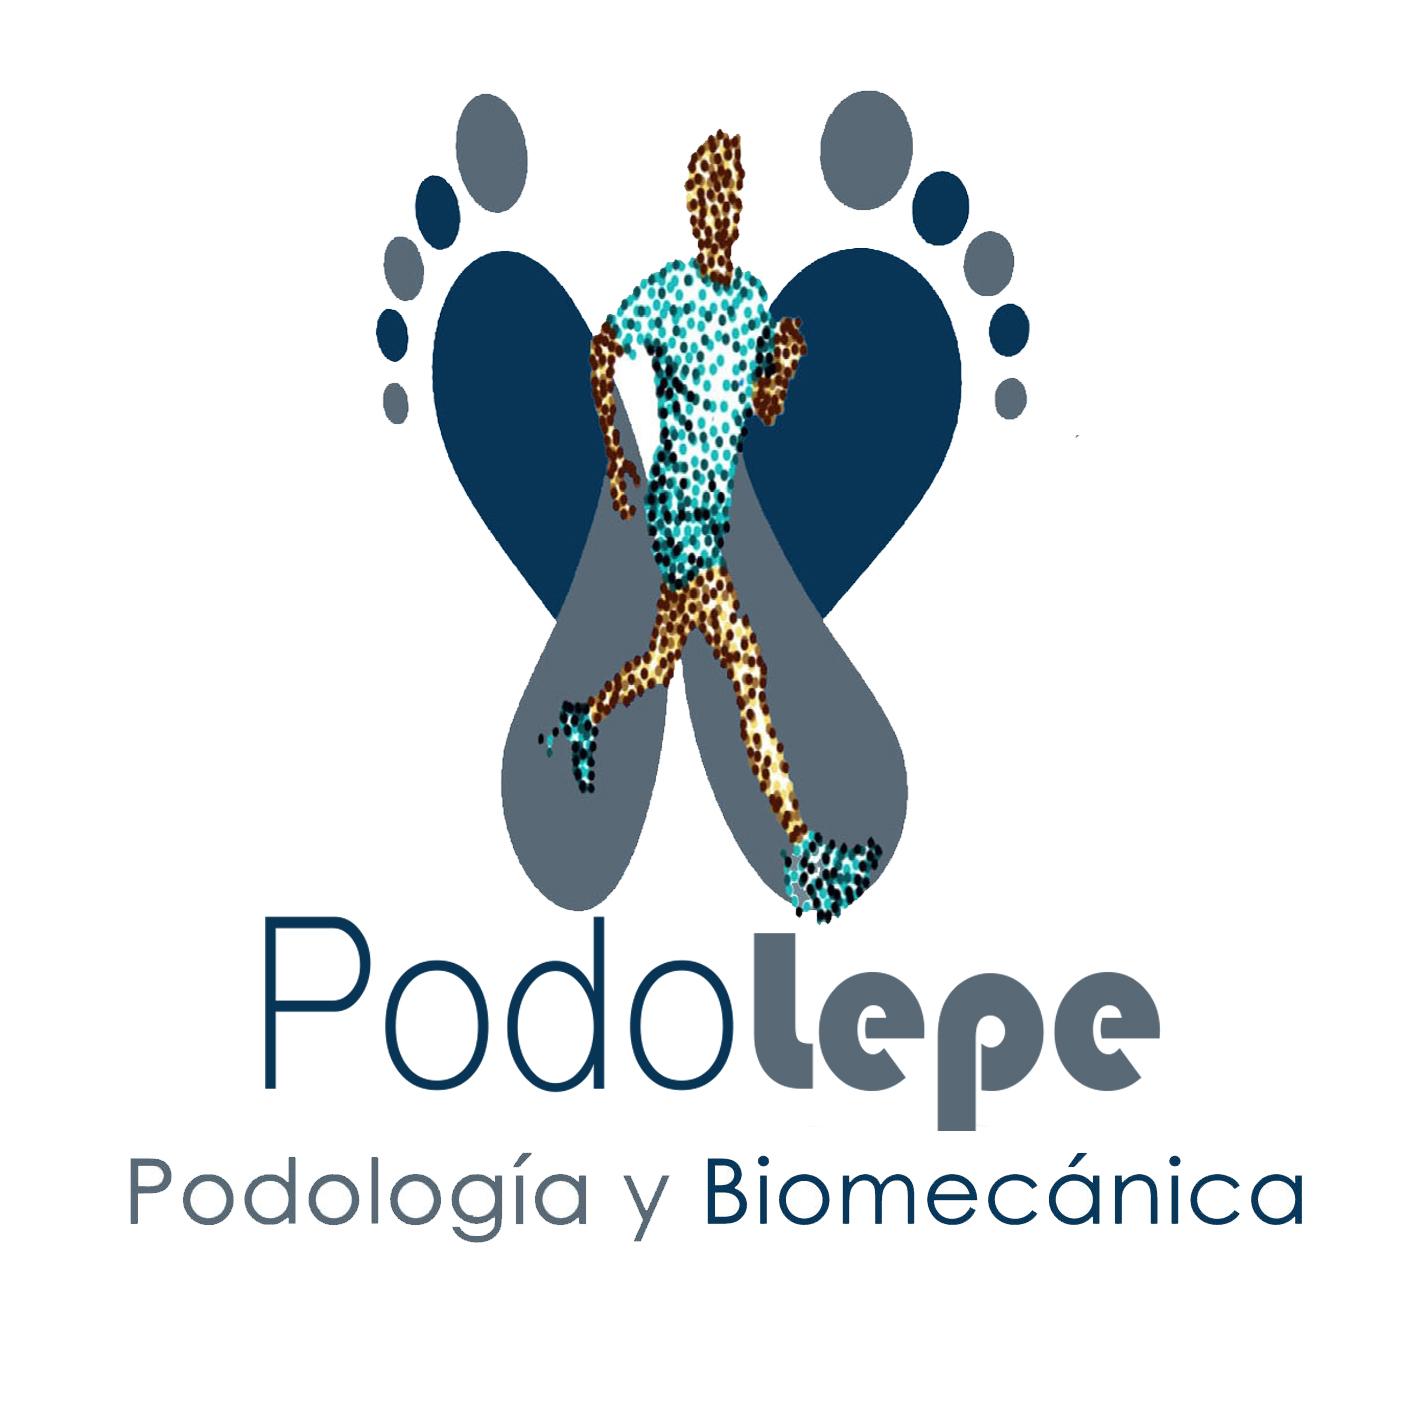 Clínica Podológica Podolepe